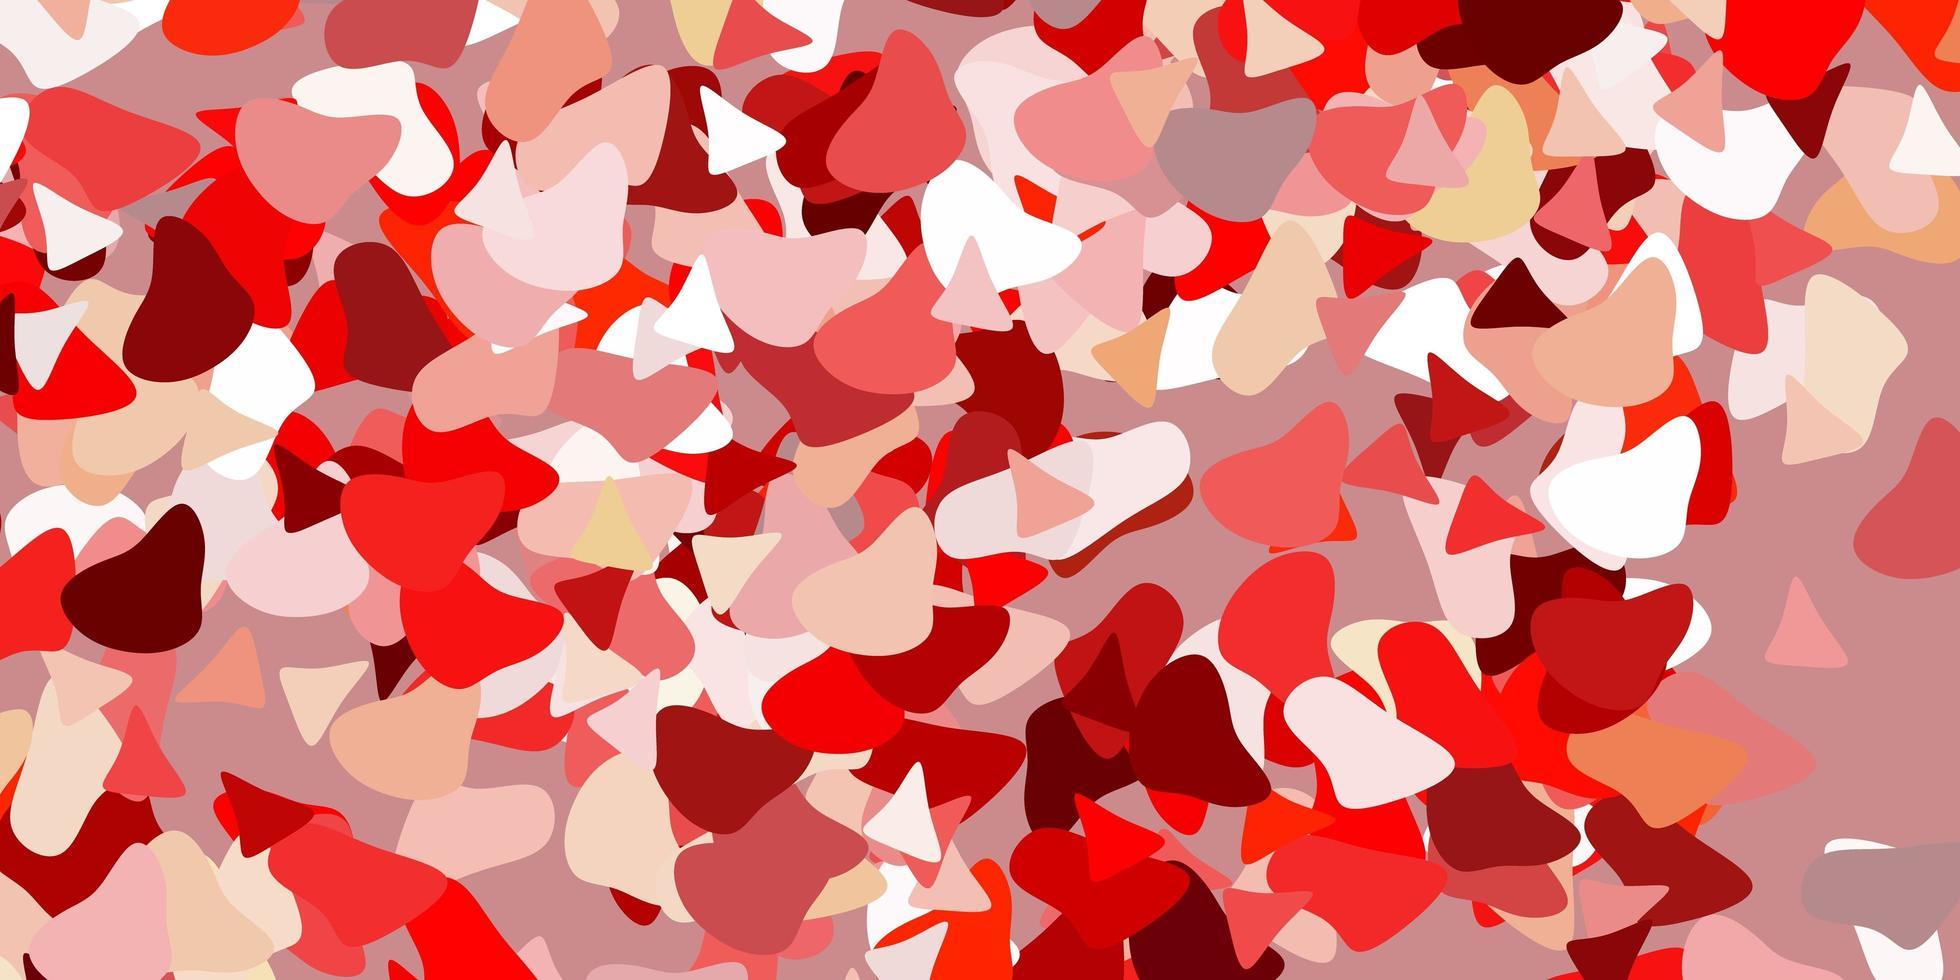 patrón rojo claro, amarillo con formas abstractas. vector